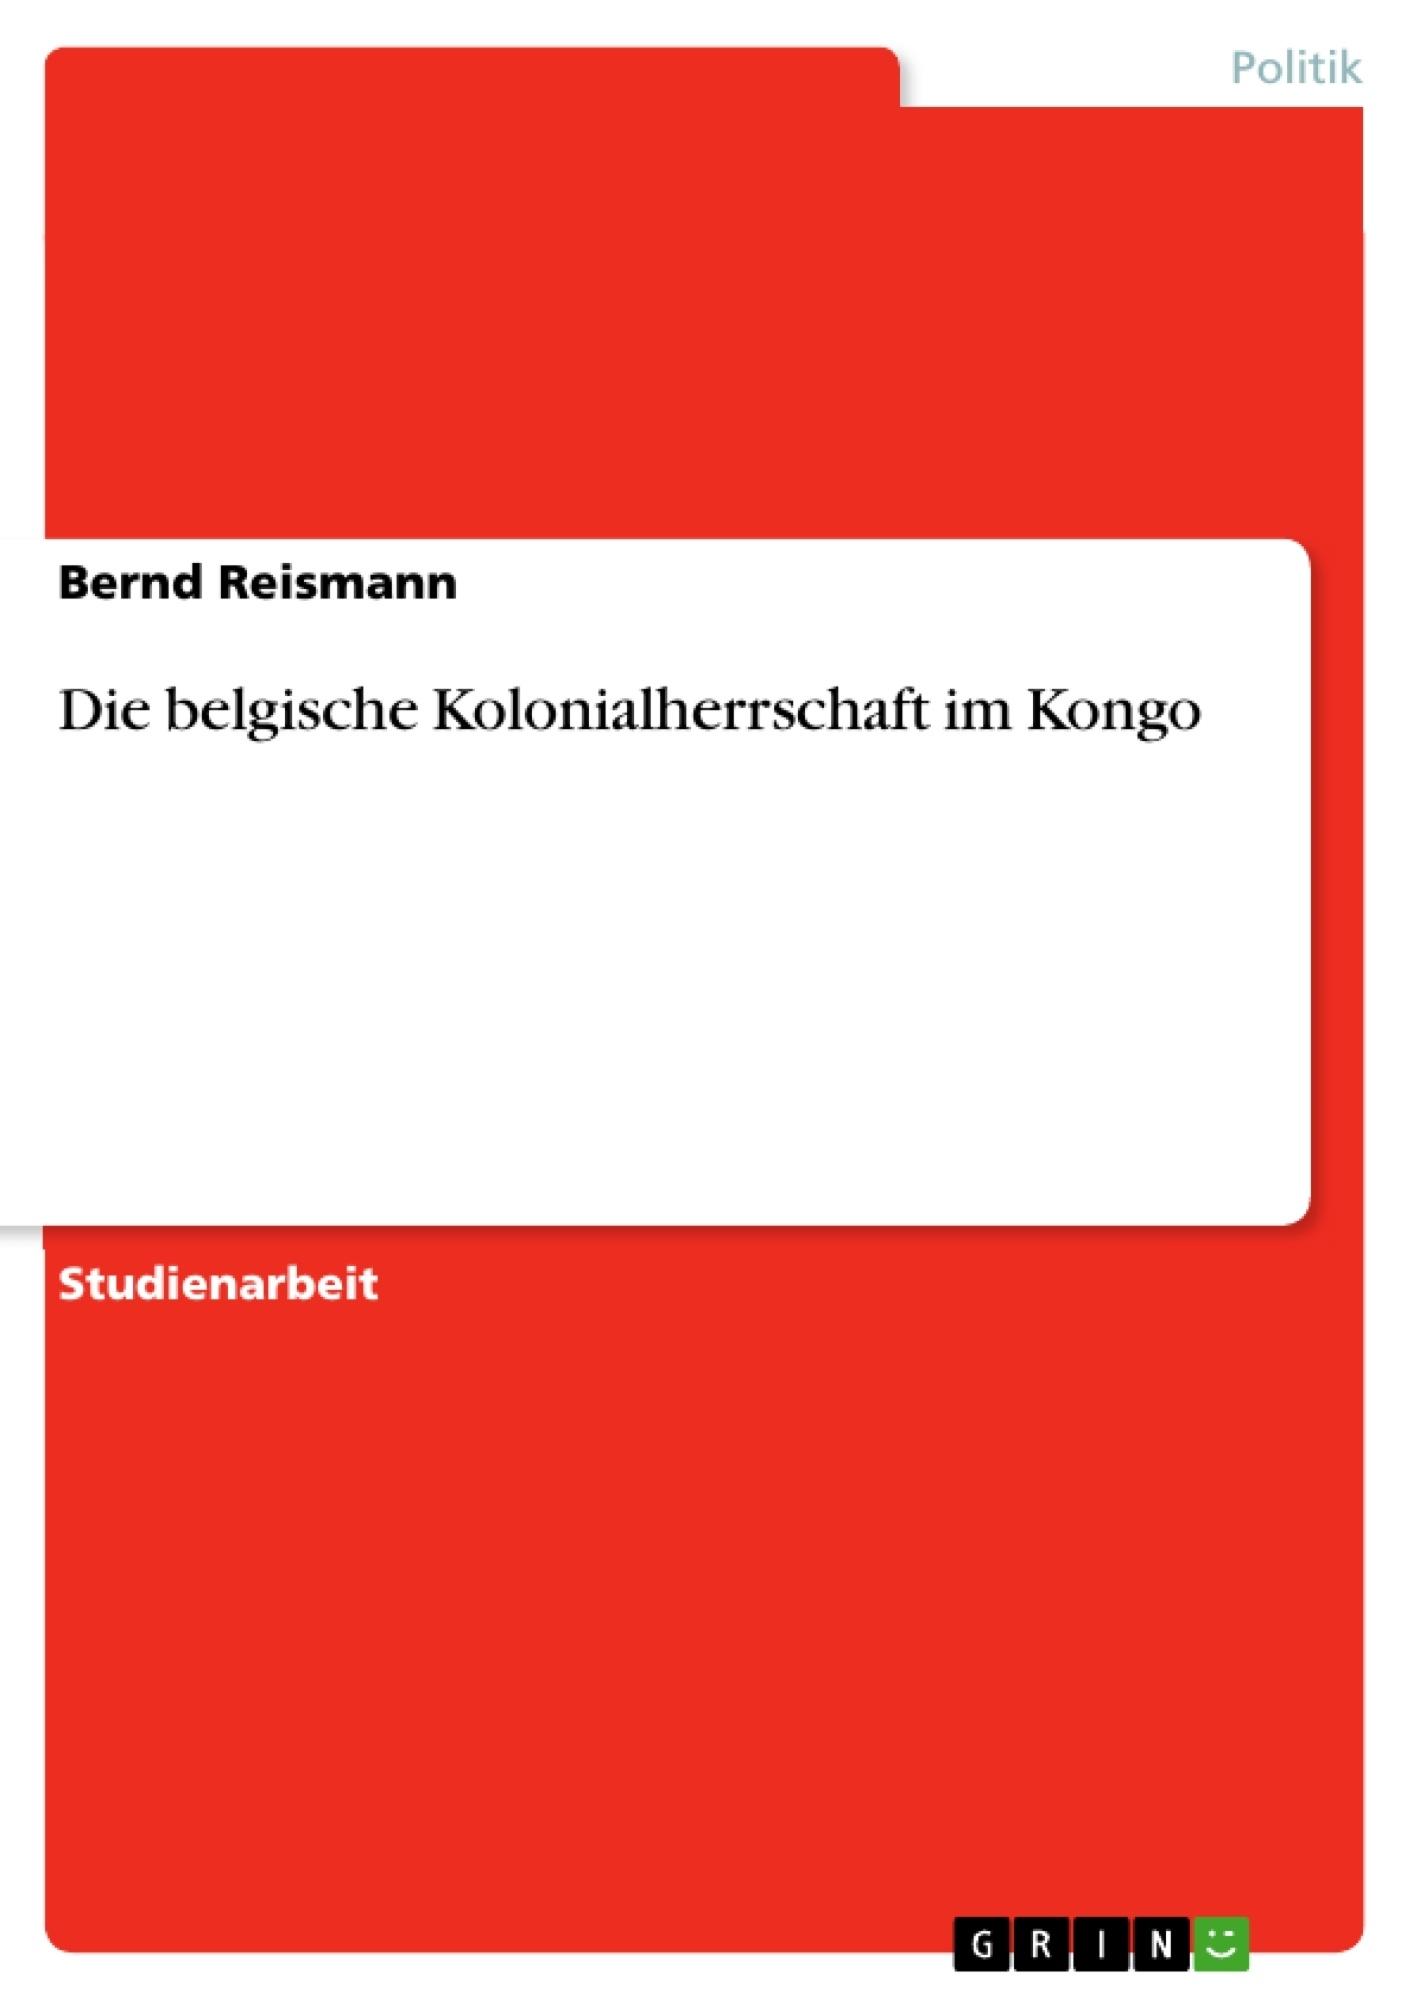 Titel: Die belgische Kolonialherrschaft im Kongo